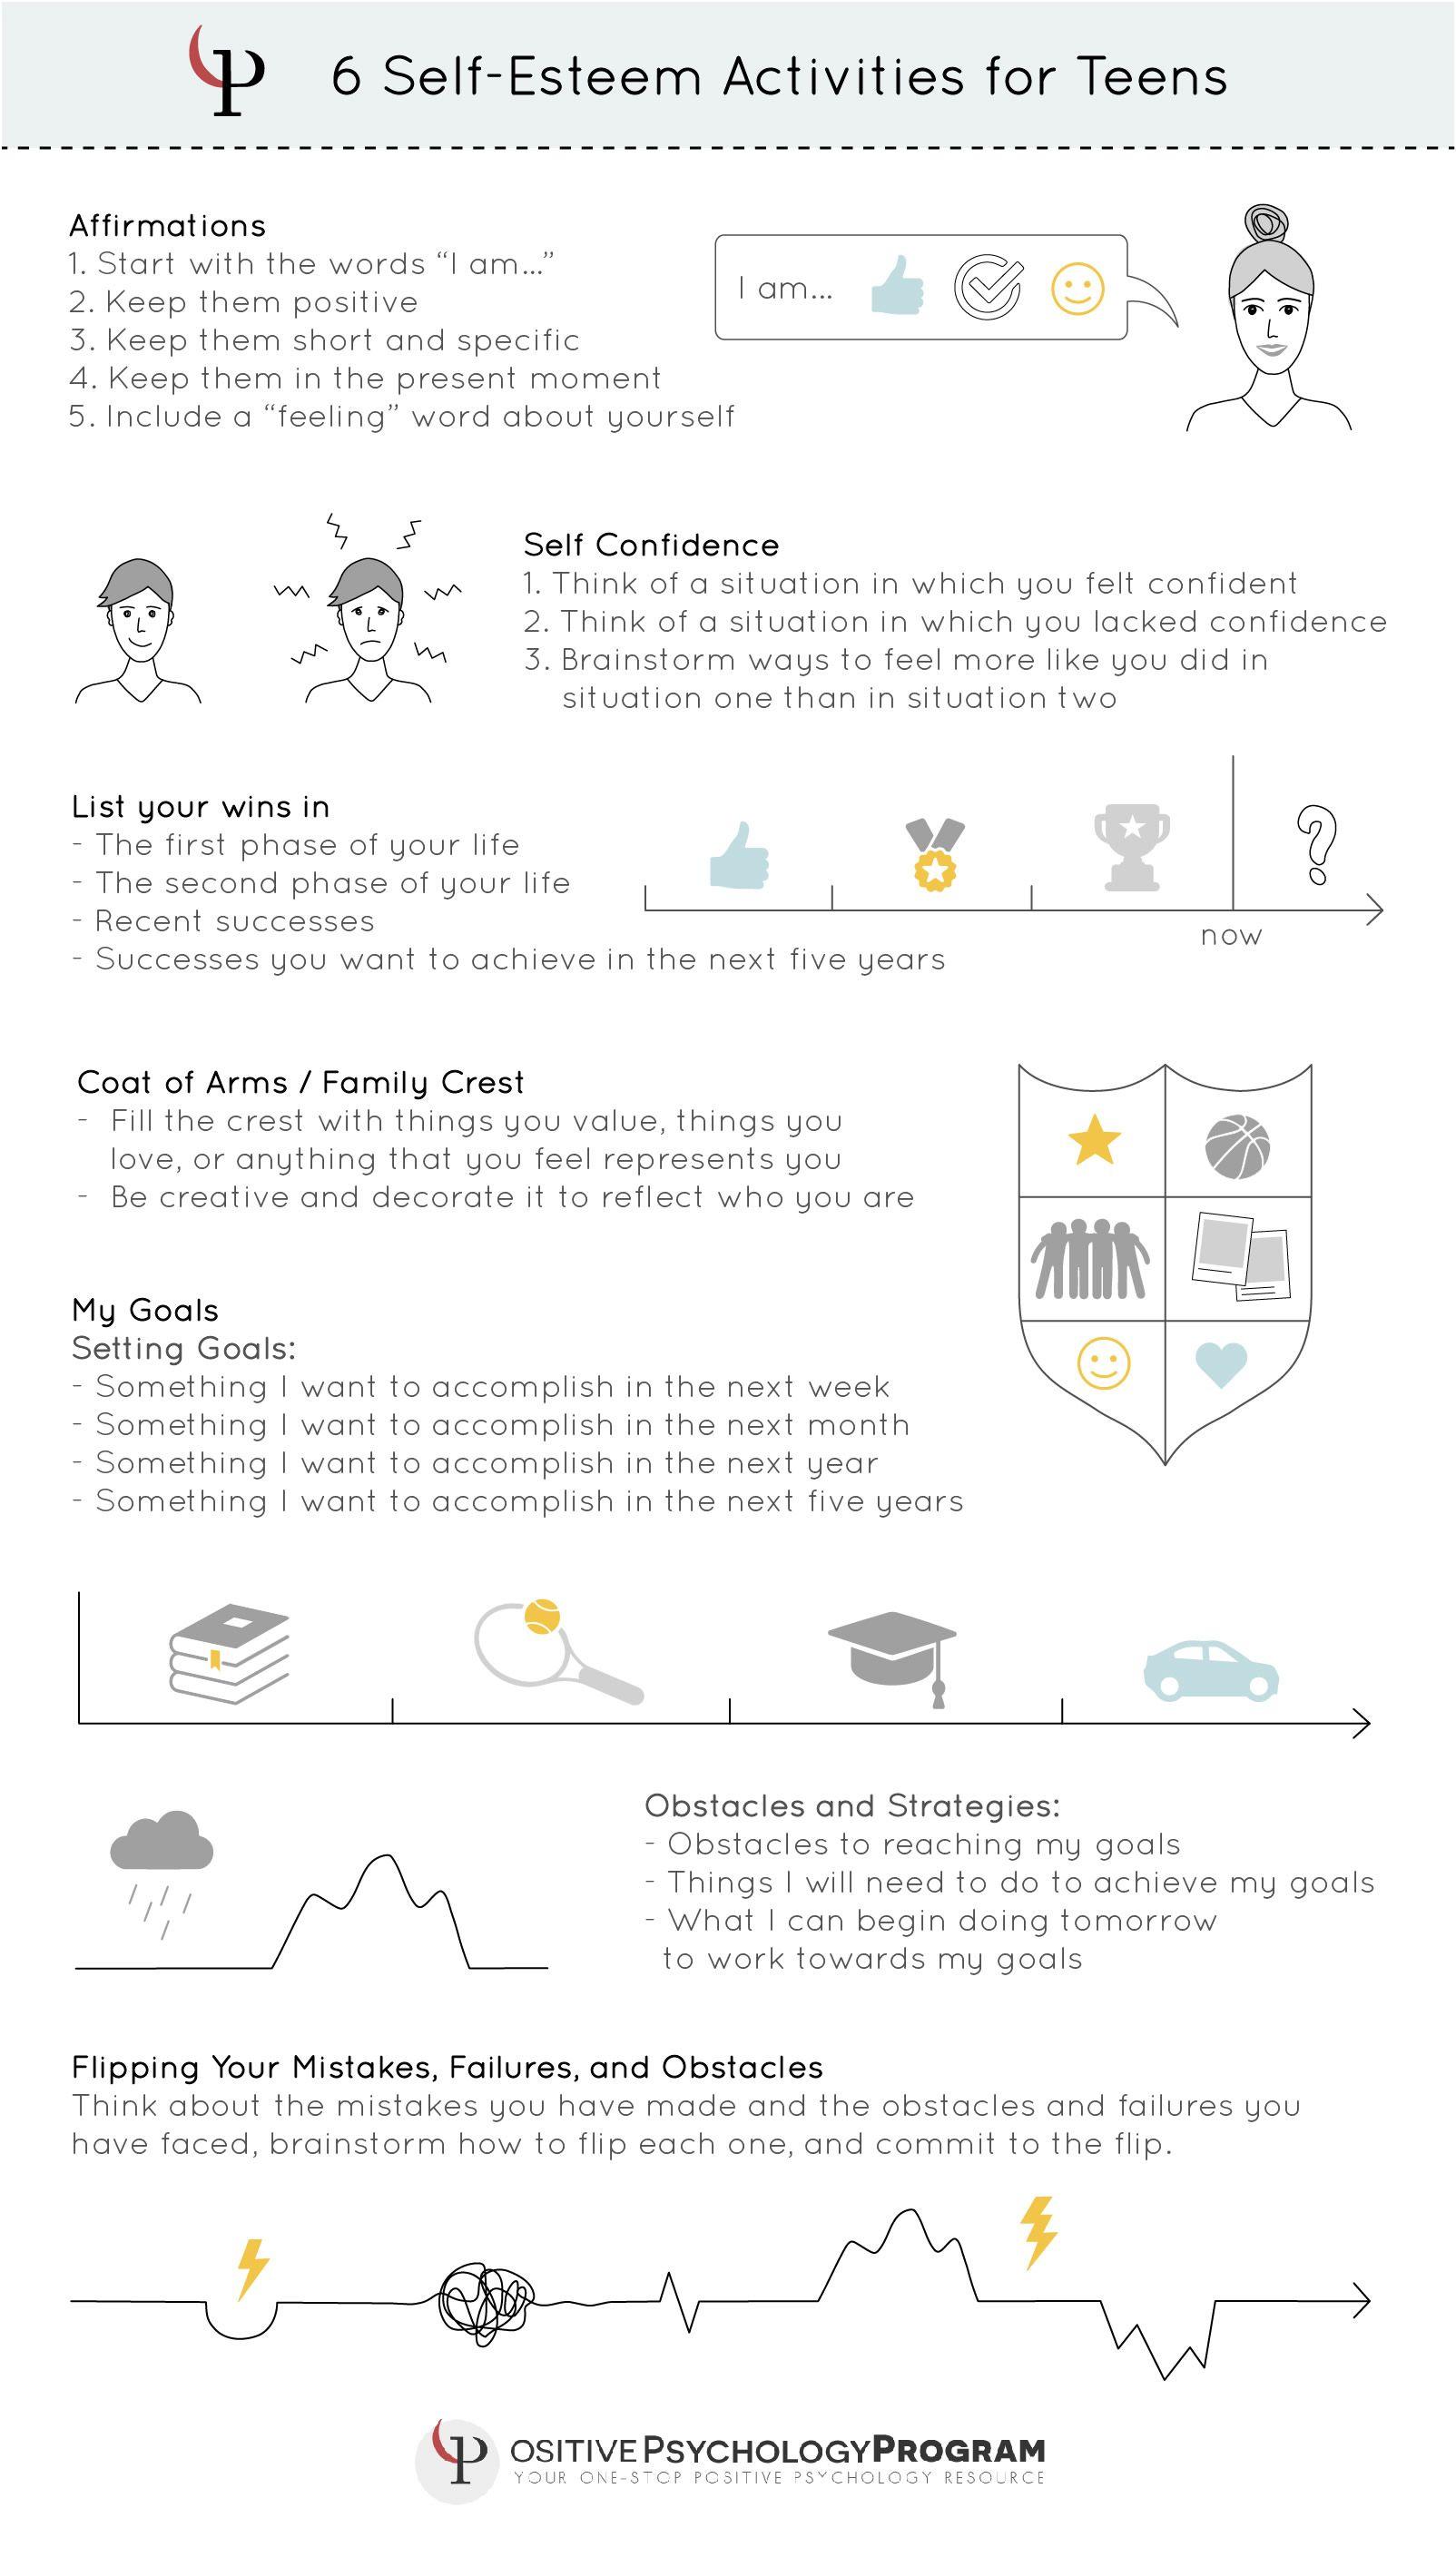 6 Self Esteem Activities For Teens Infographic